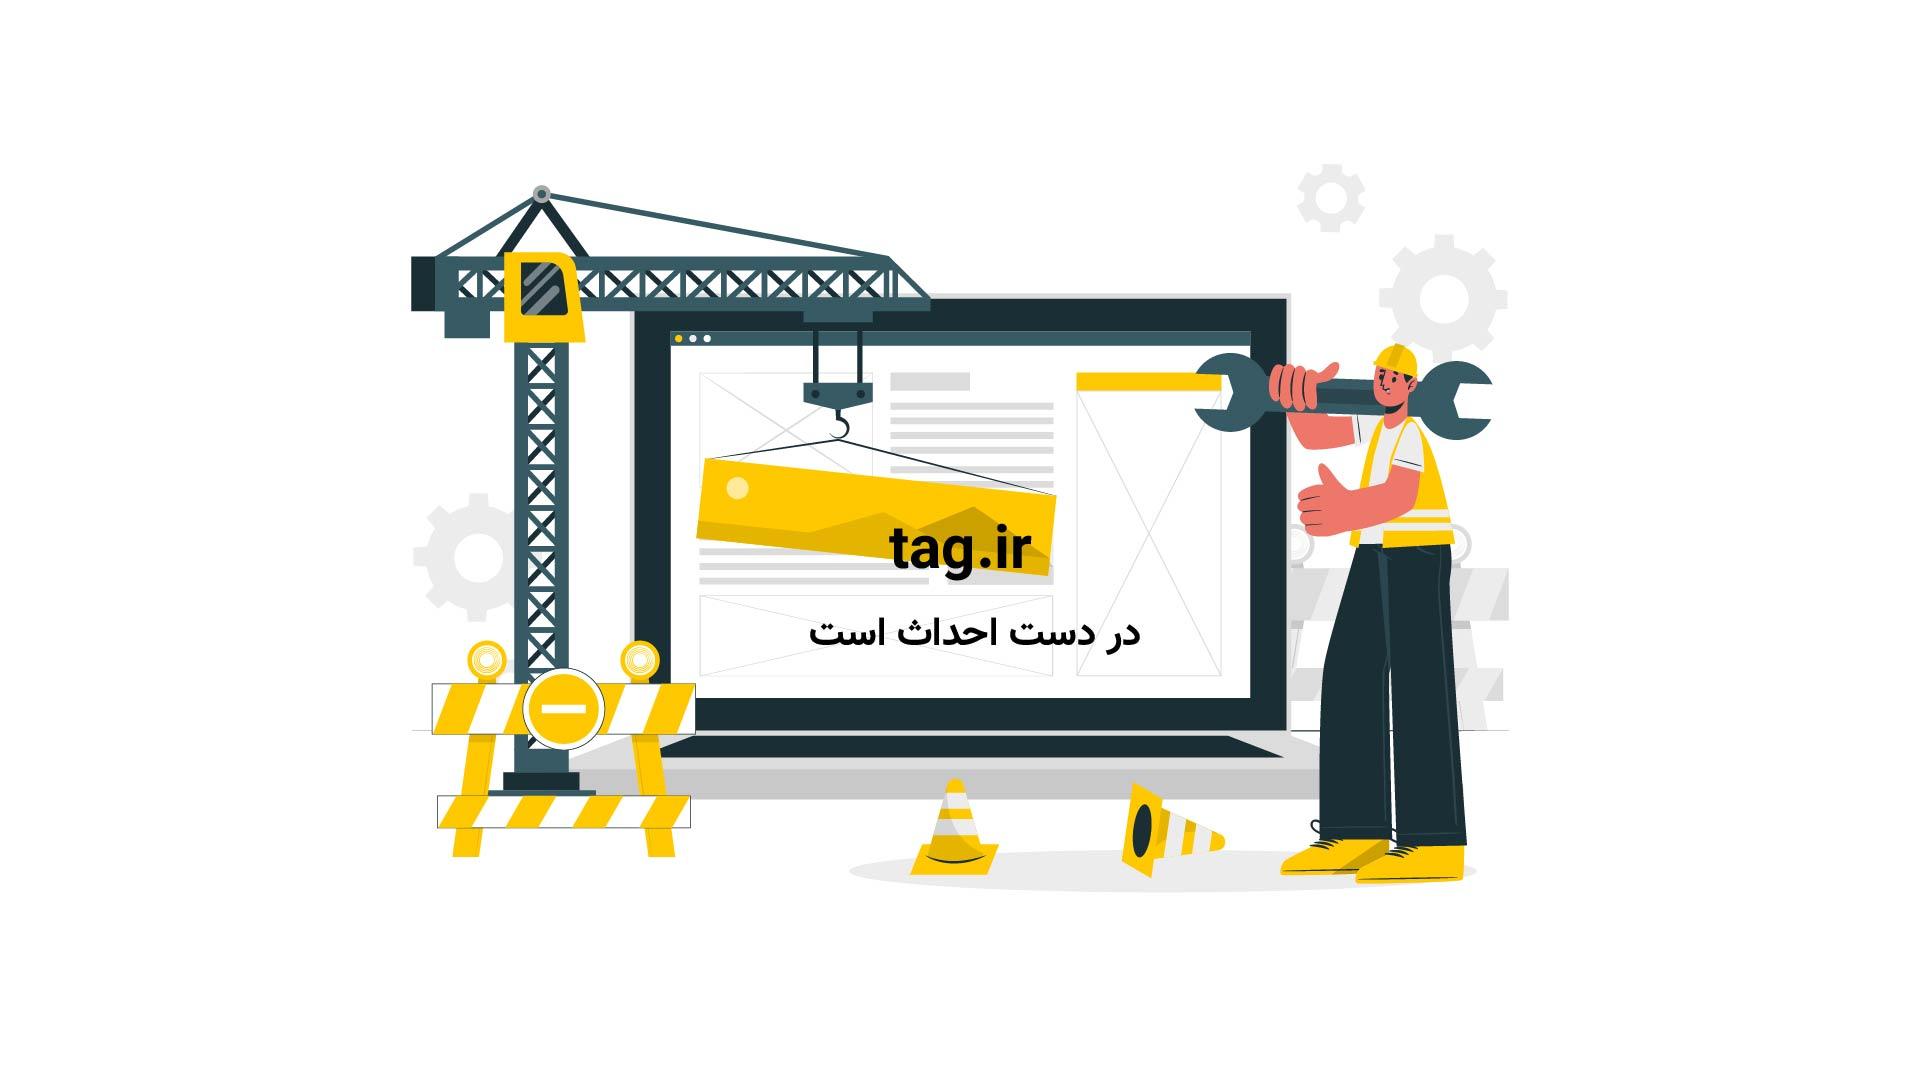 فیلمبرداری از توله خرسهای سیاه آمریکای شمالی | فیلم